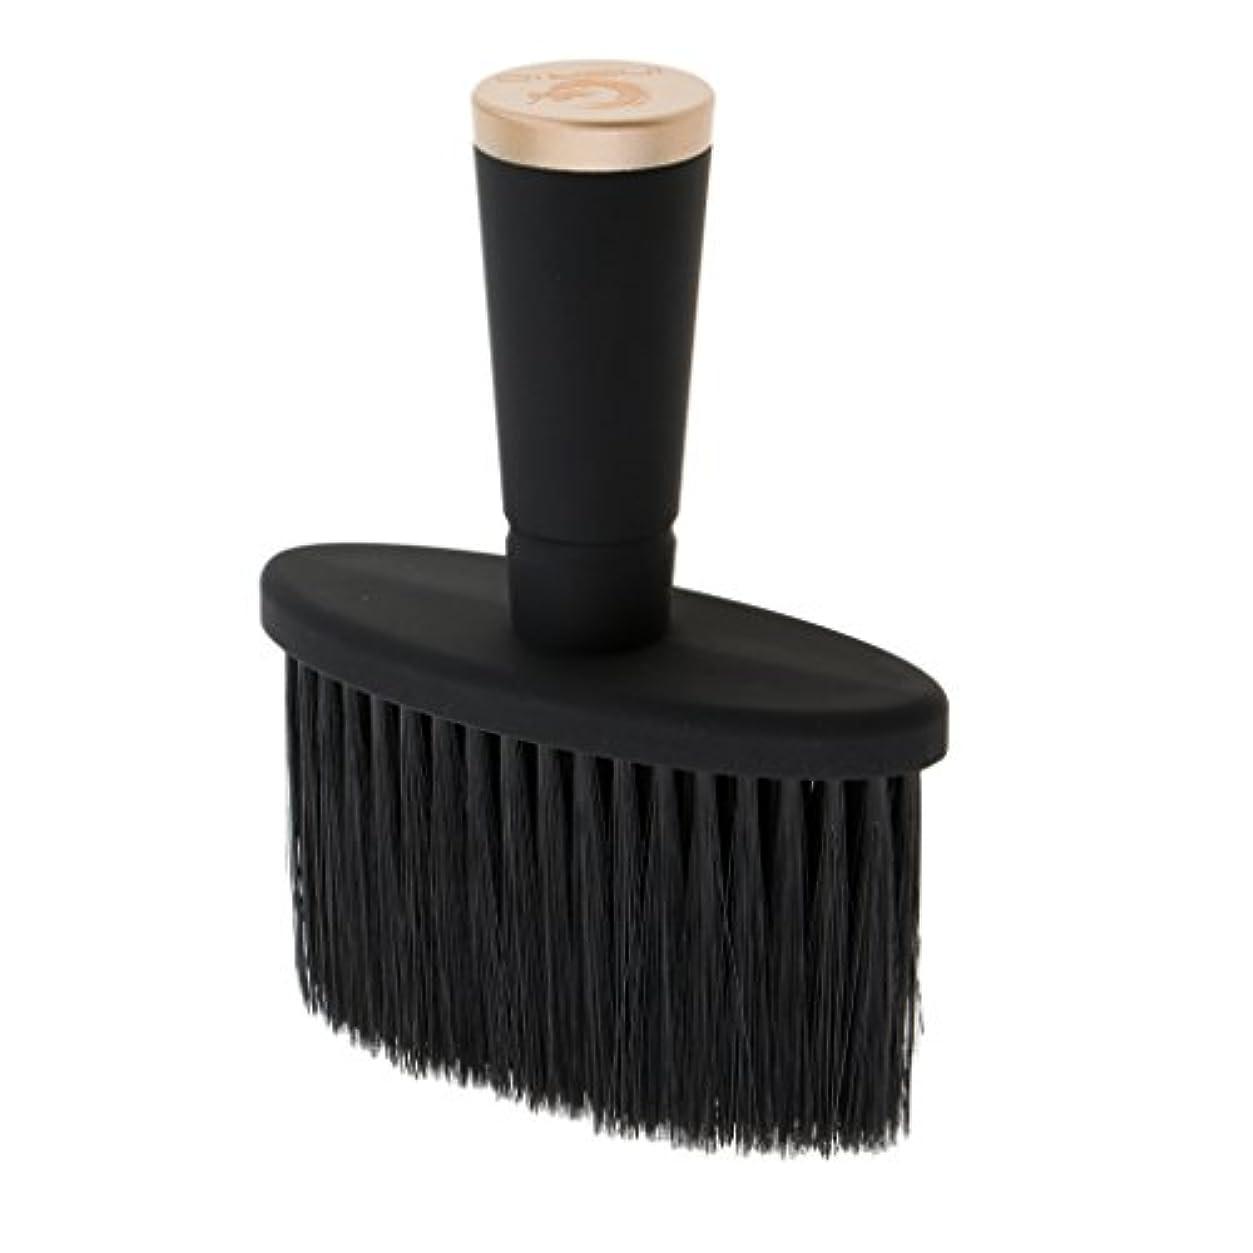 嫌がらせ森林埋め込むネックダスターブラシ ソフト ネックダスターブラシ サロン スタイリスト 理髪 メイクツール 全2色 - ゴールド